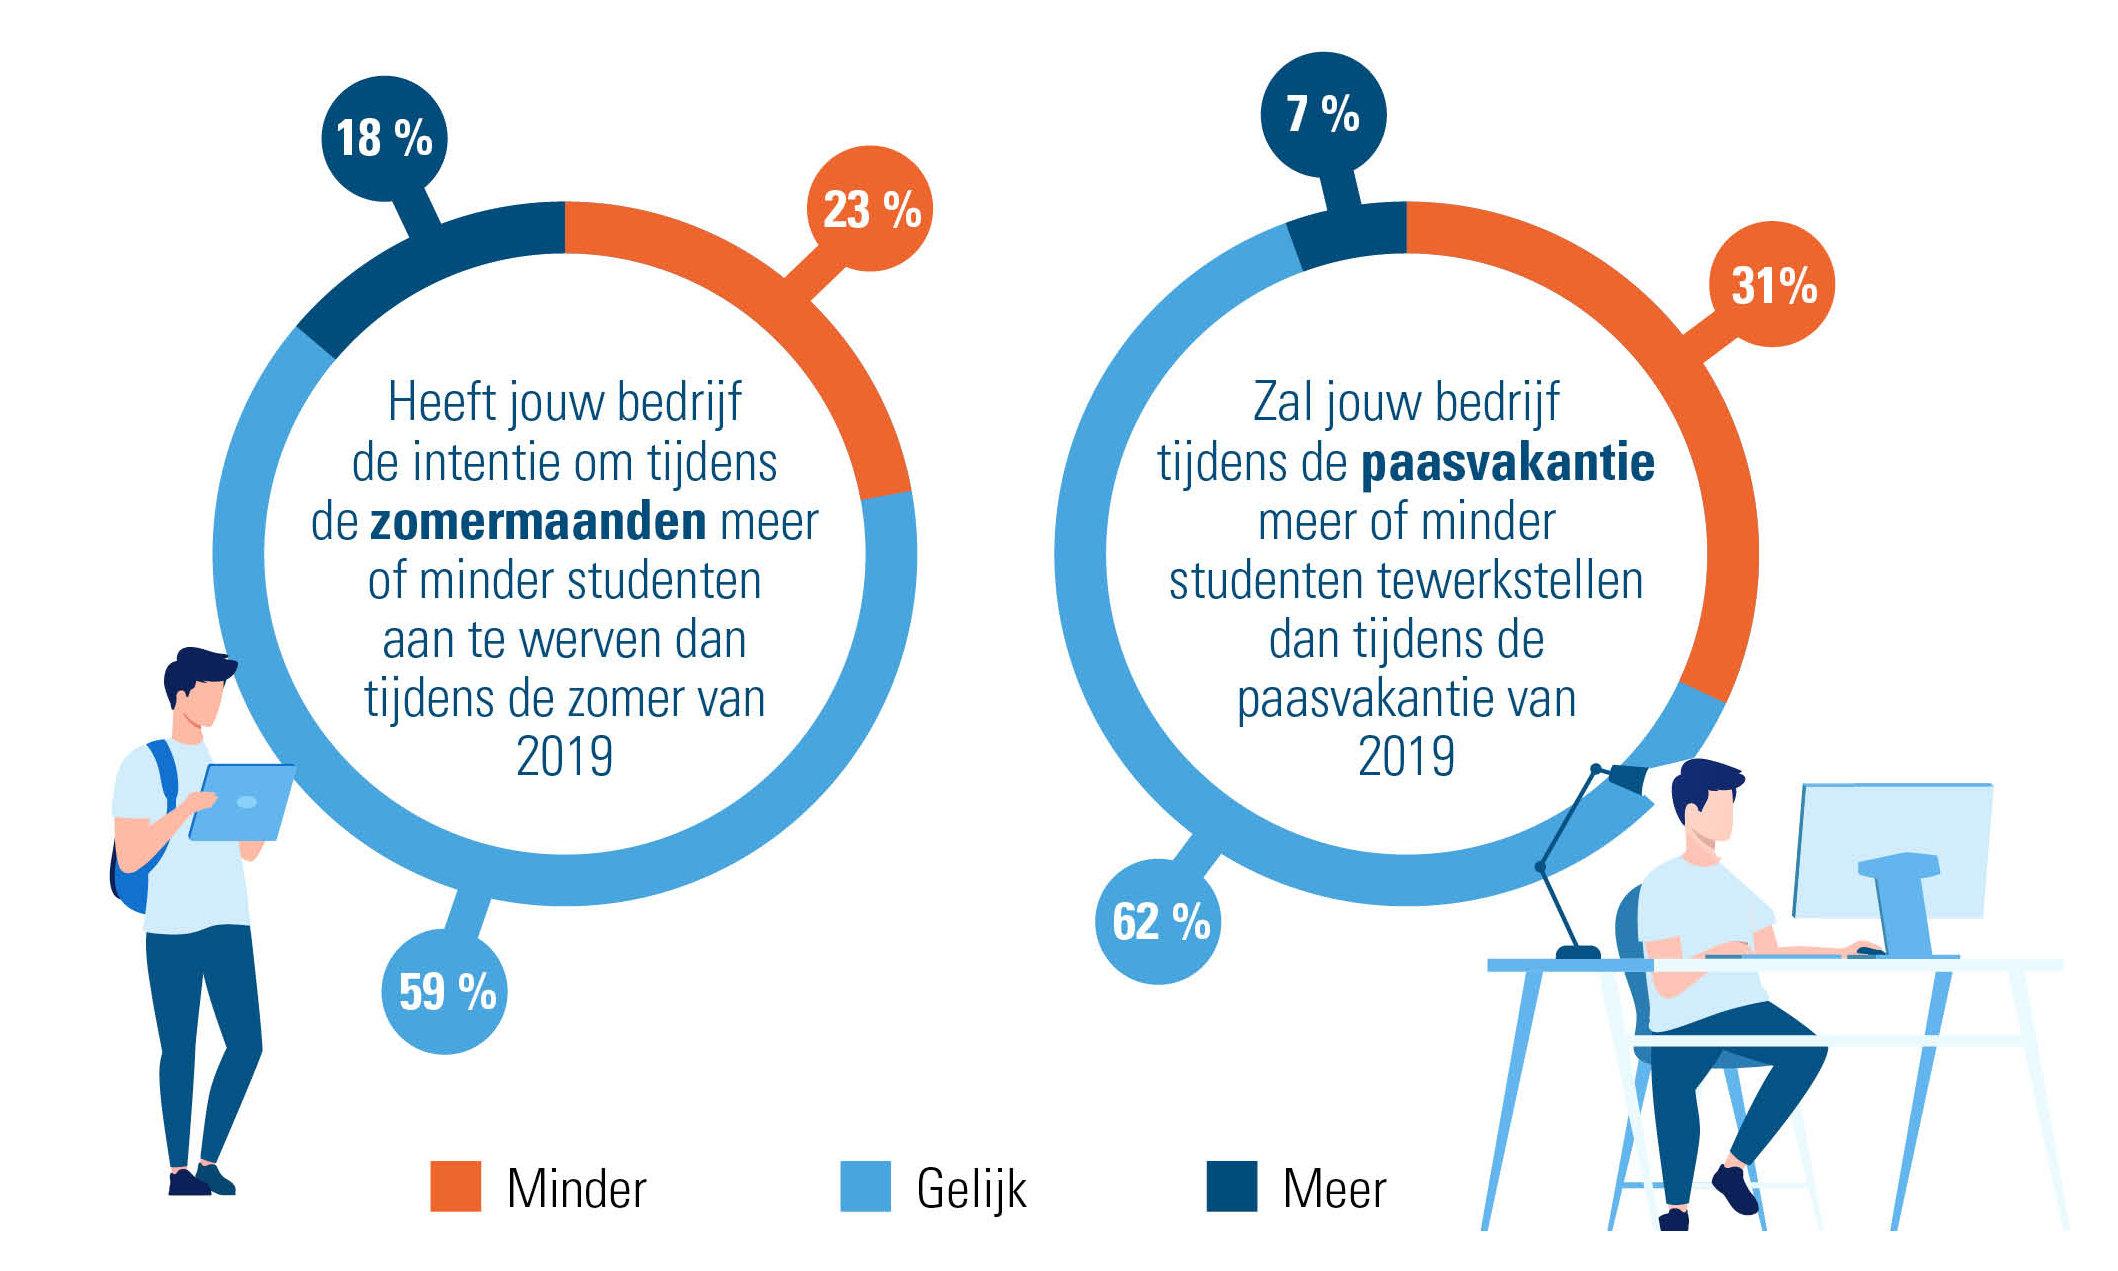 Tewerkstellen van studenten tijdens de Paasvakantie (bevraging bij zorg- en groene sector 2020)